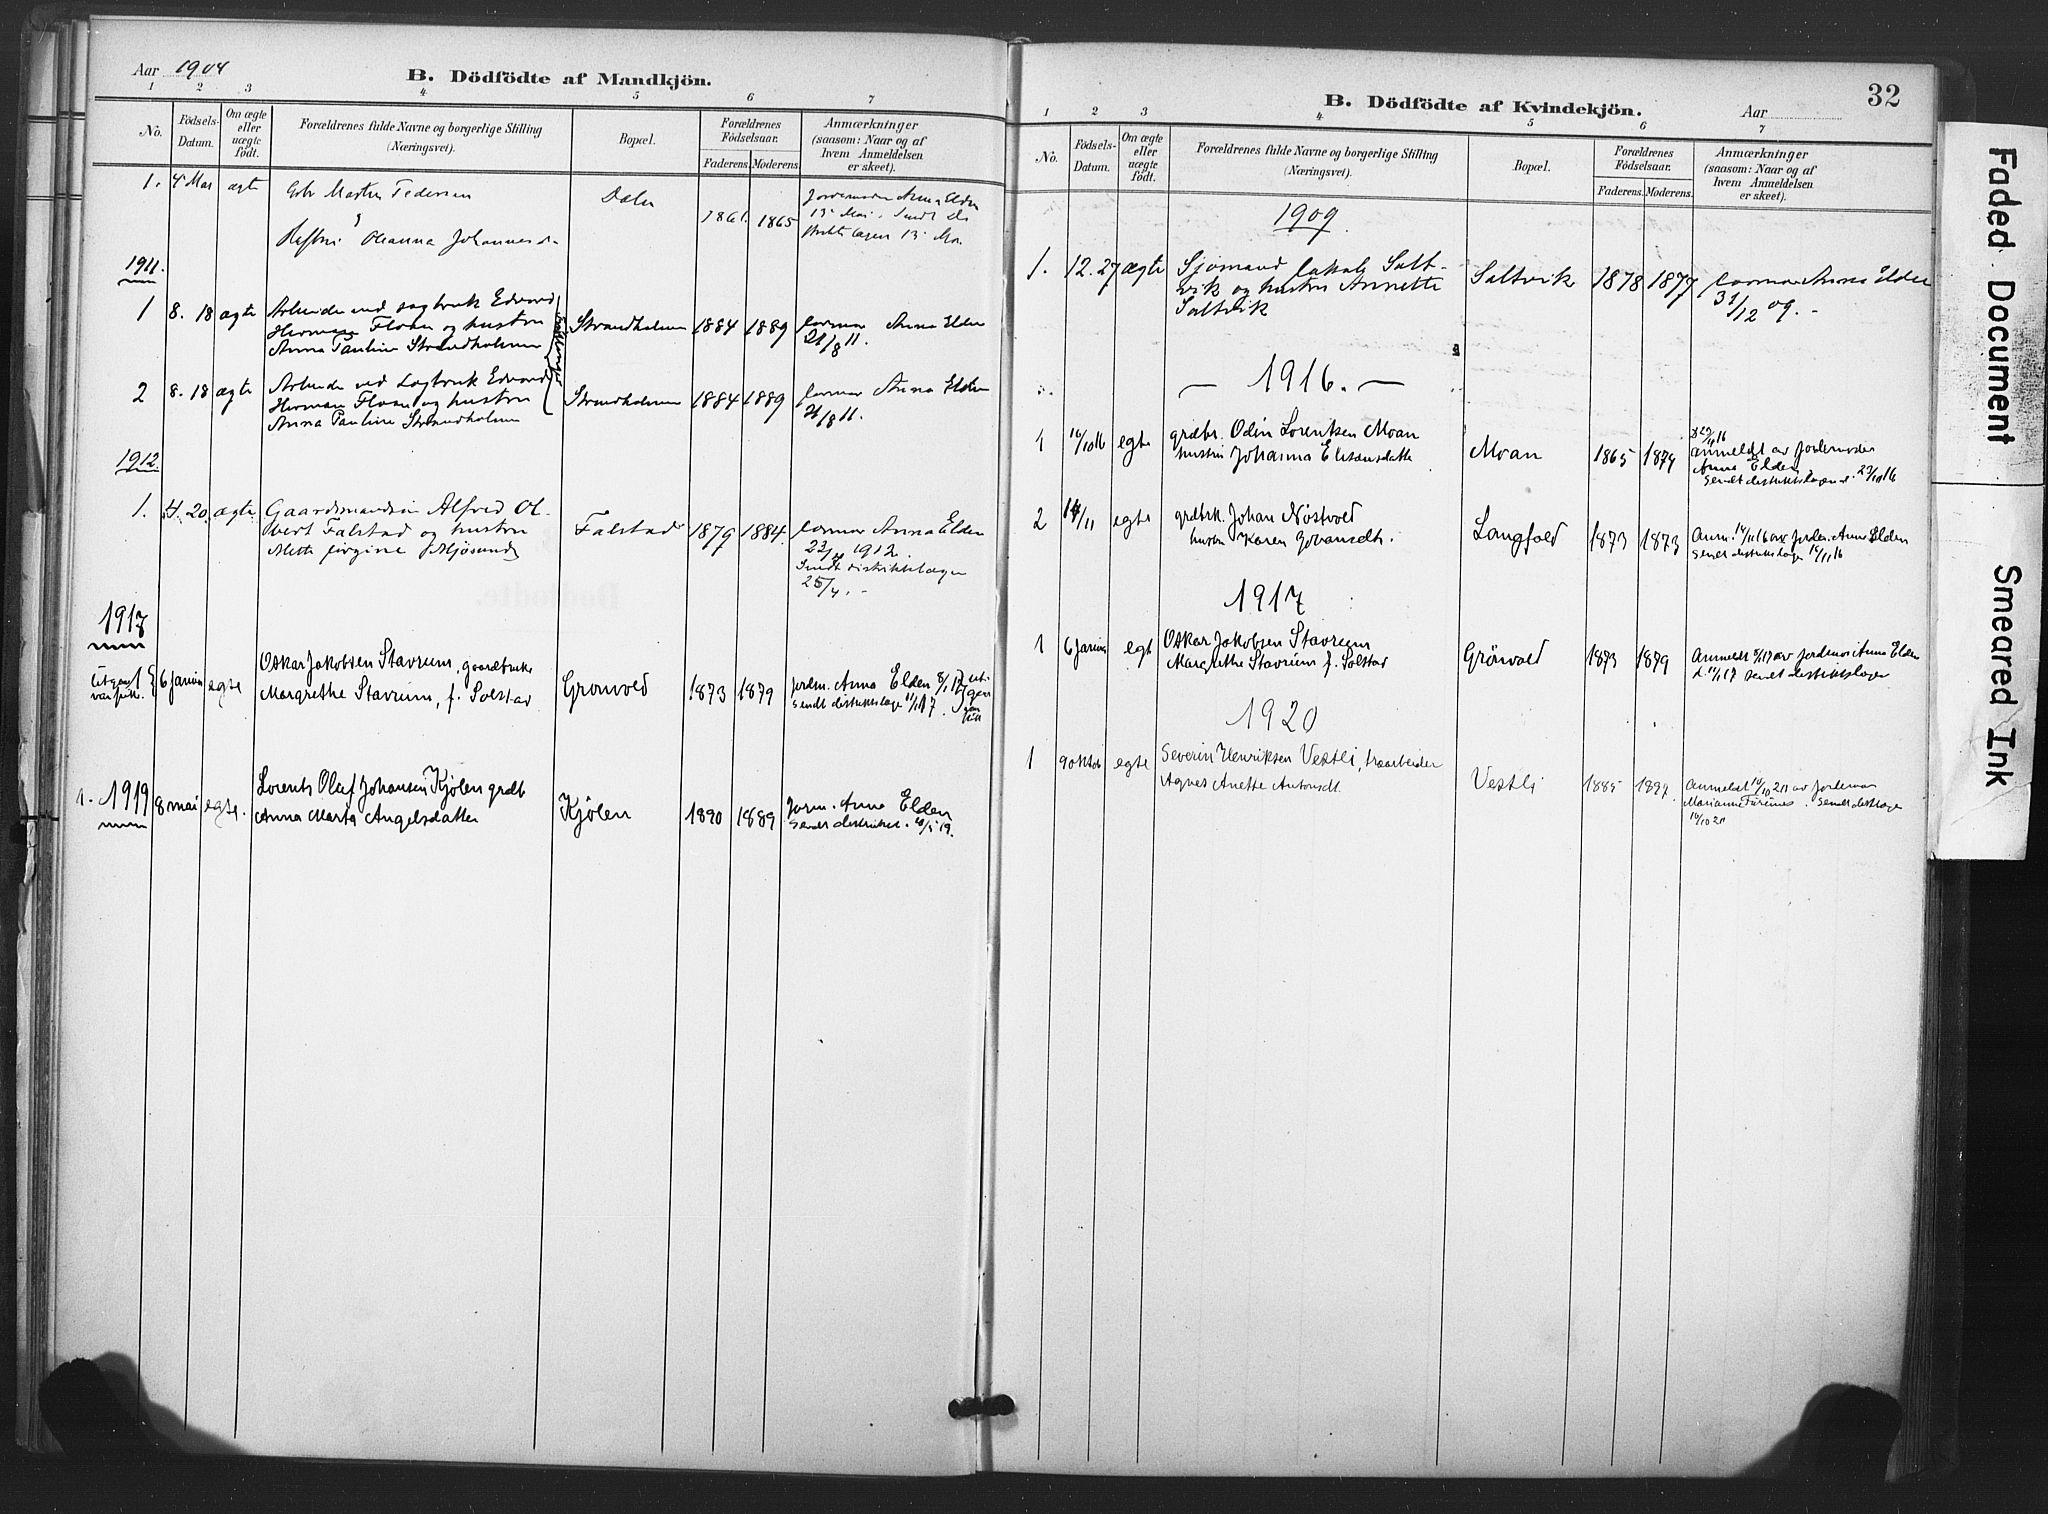 SAT, Ministerialprotokoller, klokkerbøker og fødselsregistre - Nord-Trøndelag, 719/L0179: Ministerialbok nr. 719A02, 1901-1923, s. 32